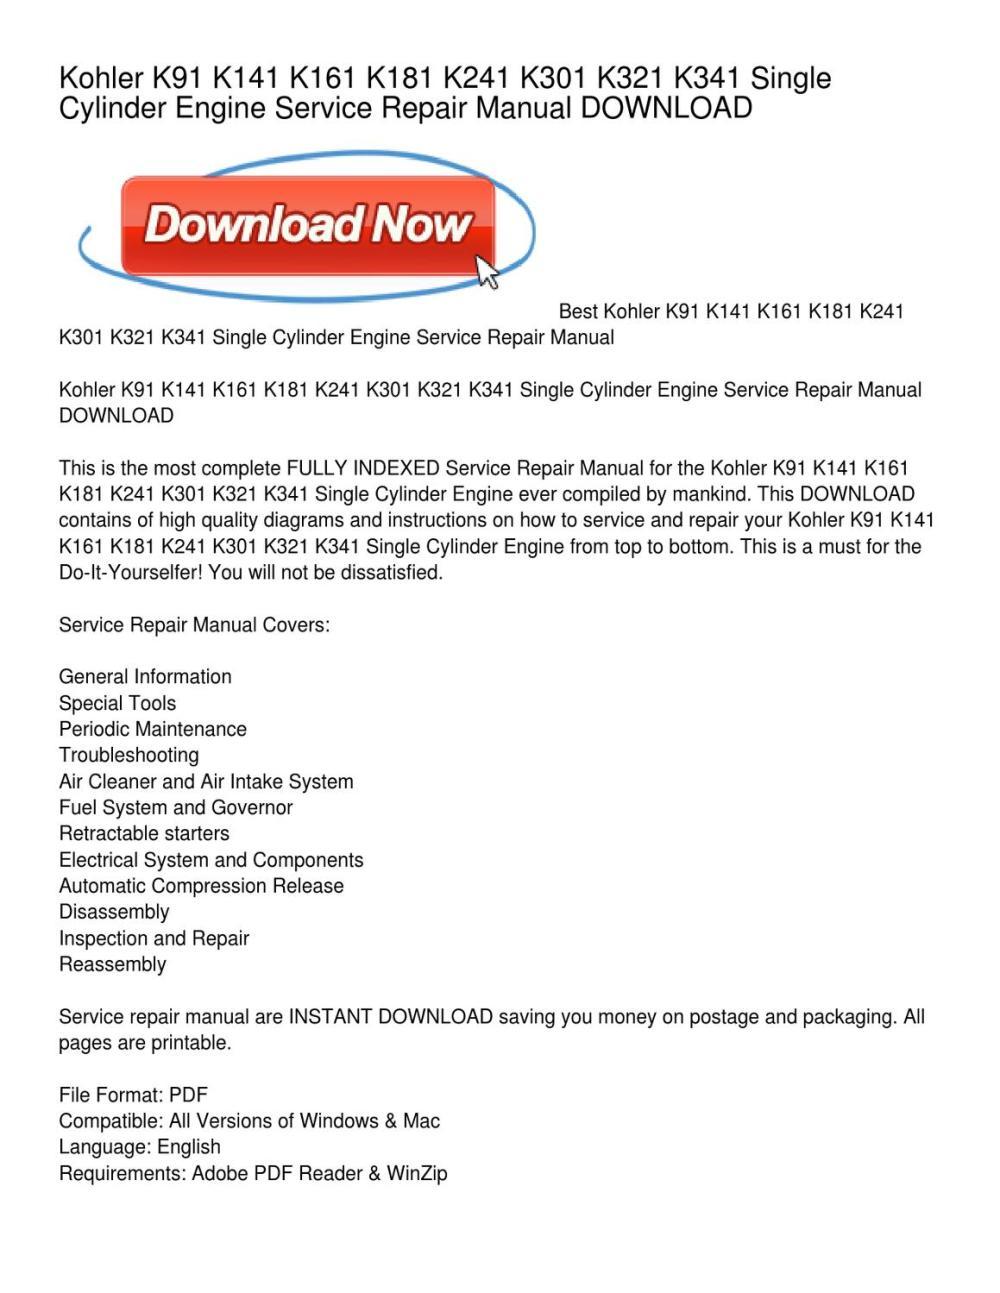 medium resolution of kohler k91 k141 k161 k181 k241 k301 k321 k341 single cylinder engine service repair manual download by peggy paige issuu